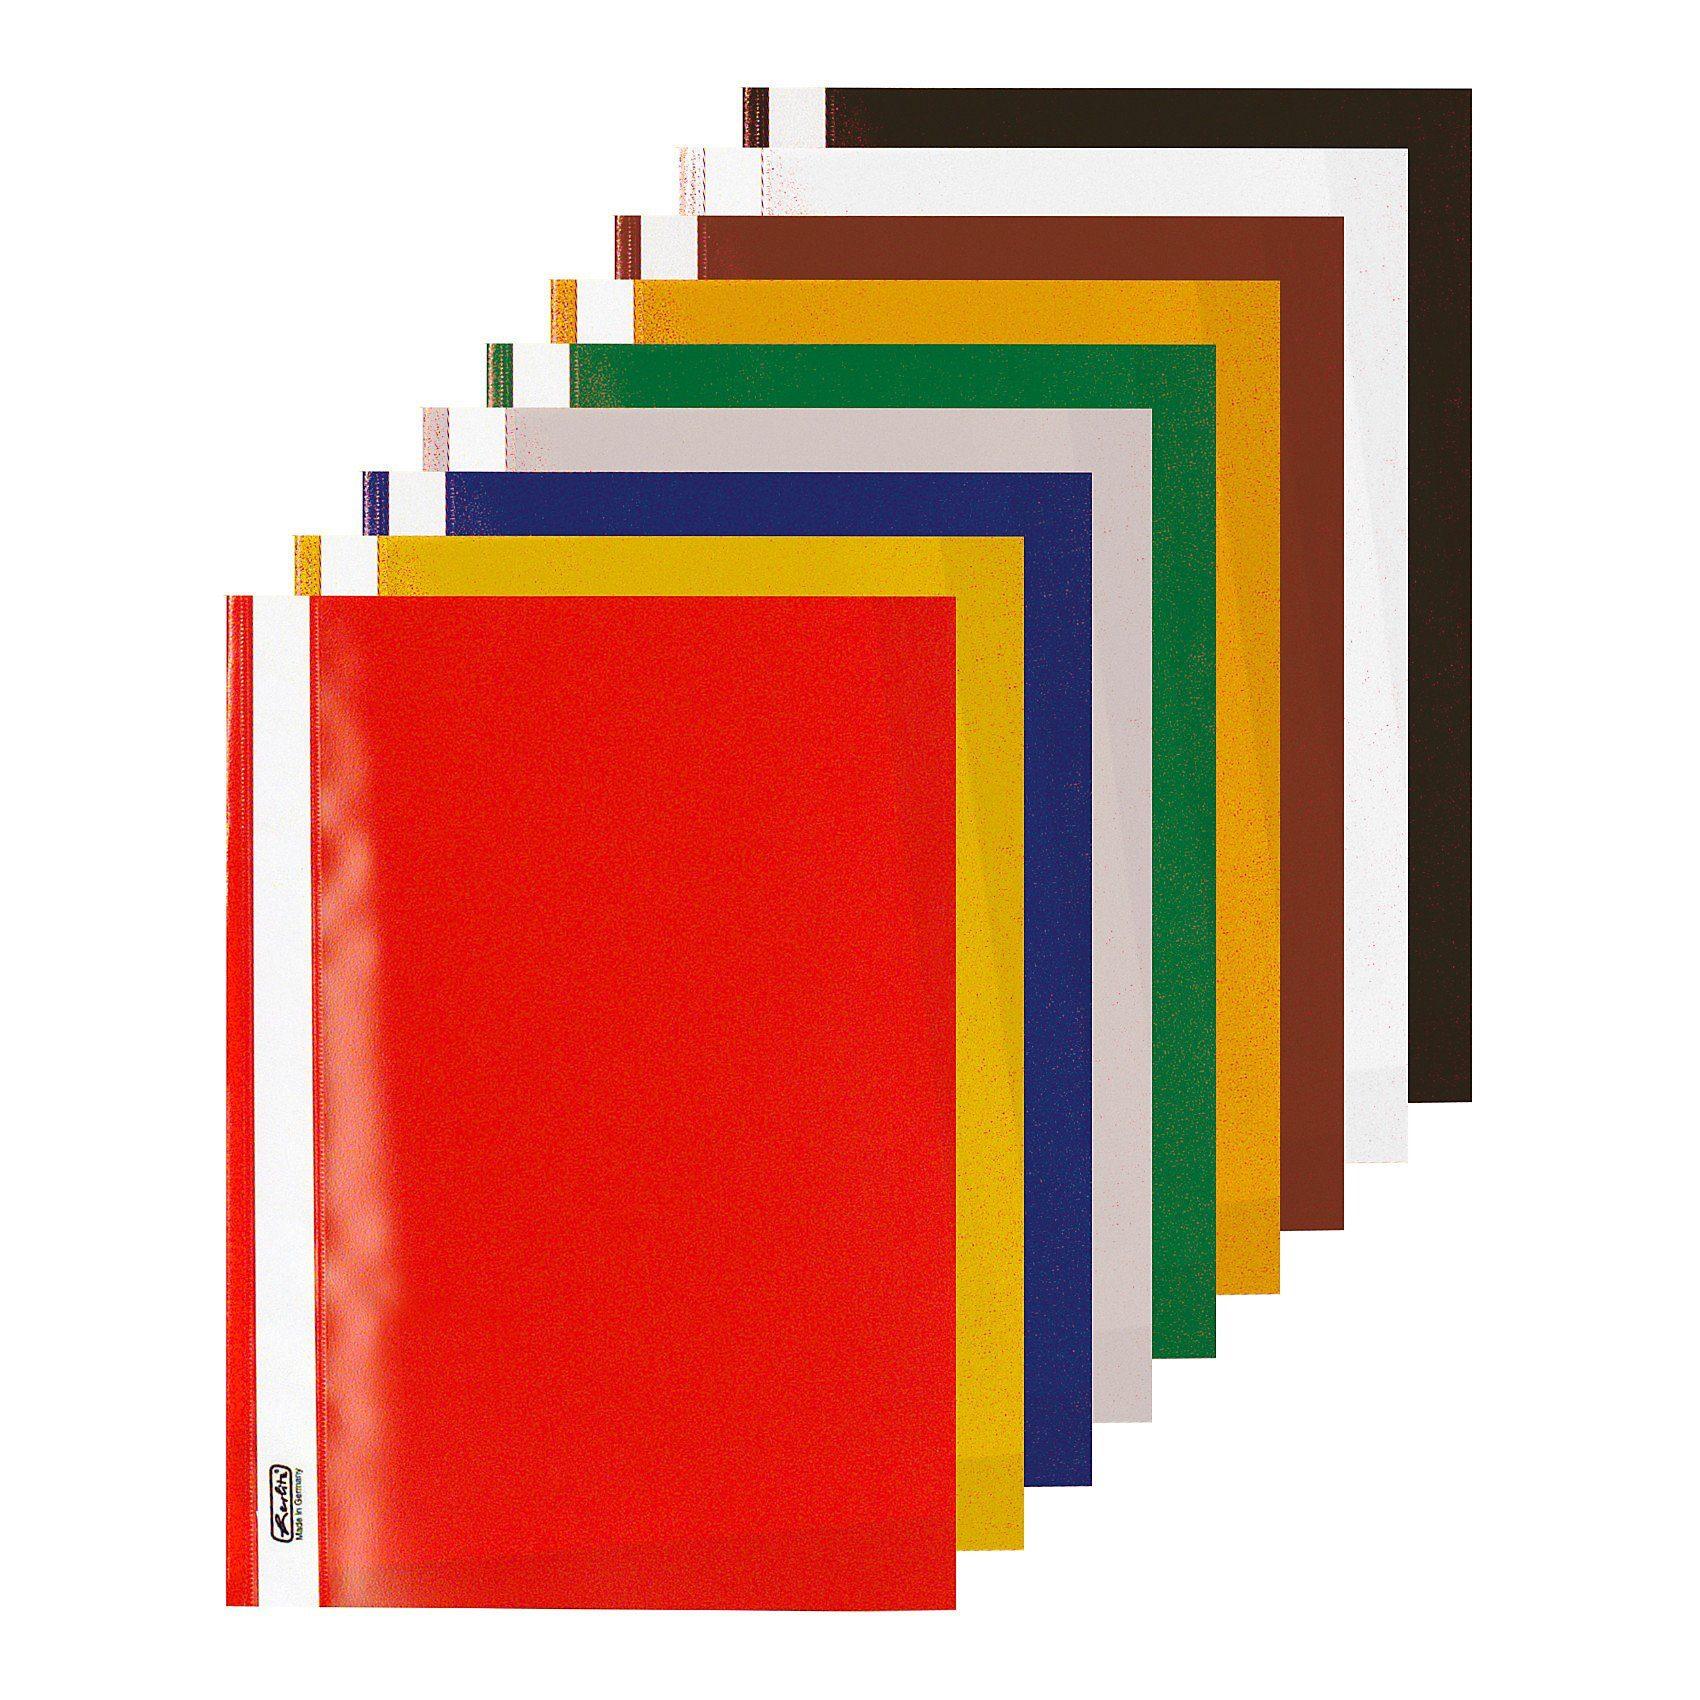 Herlitz Schnellhefter Kunststoff, A4, 2 x 5 Farben, 10 Stück